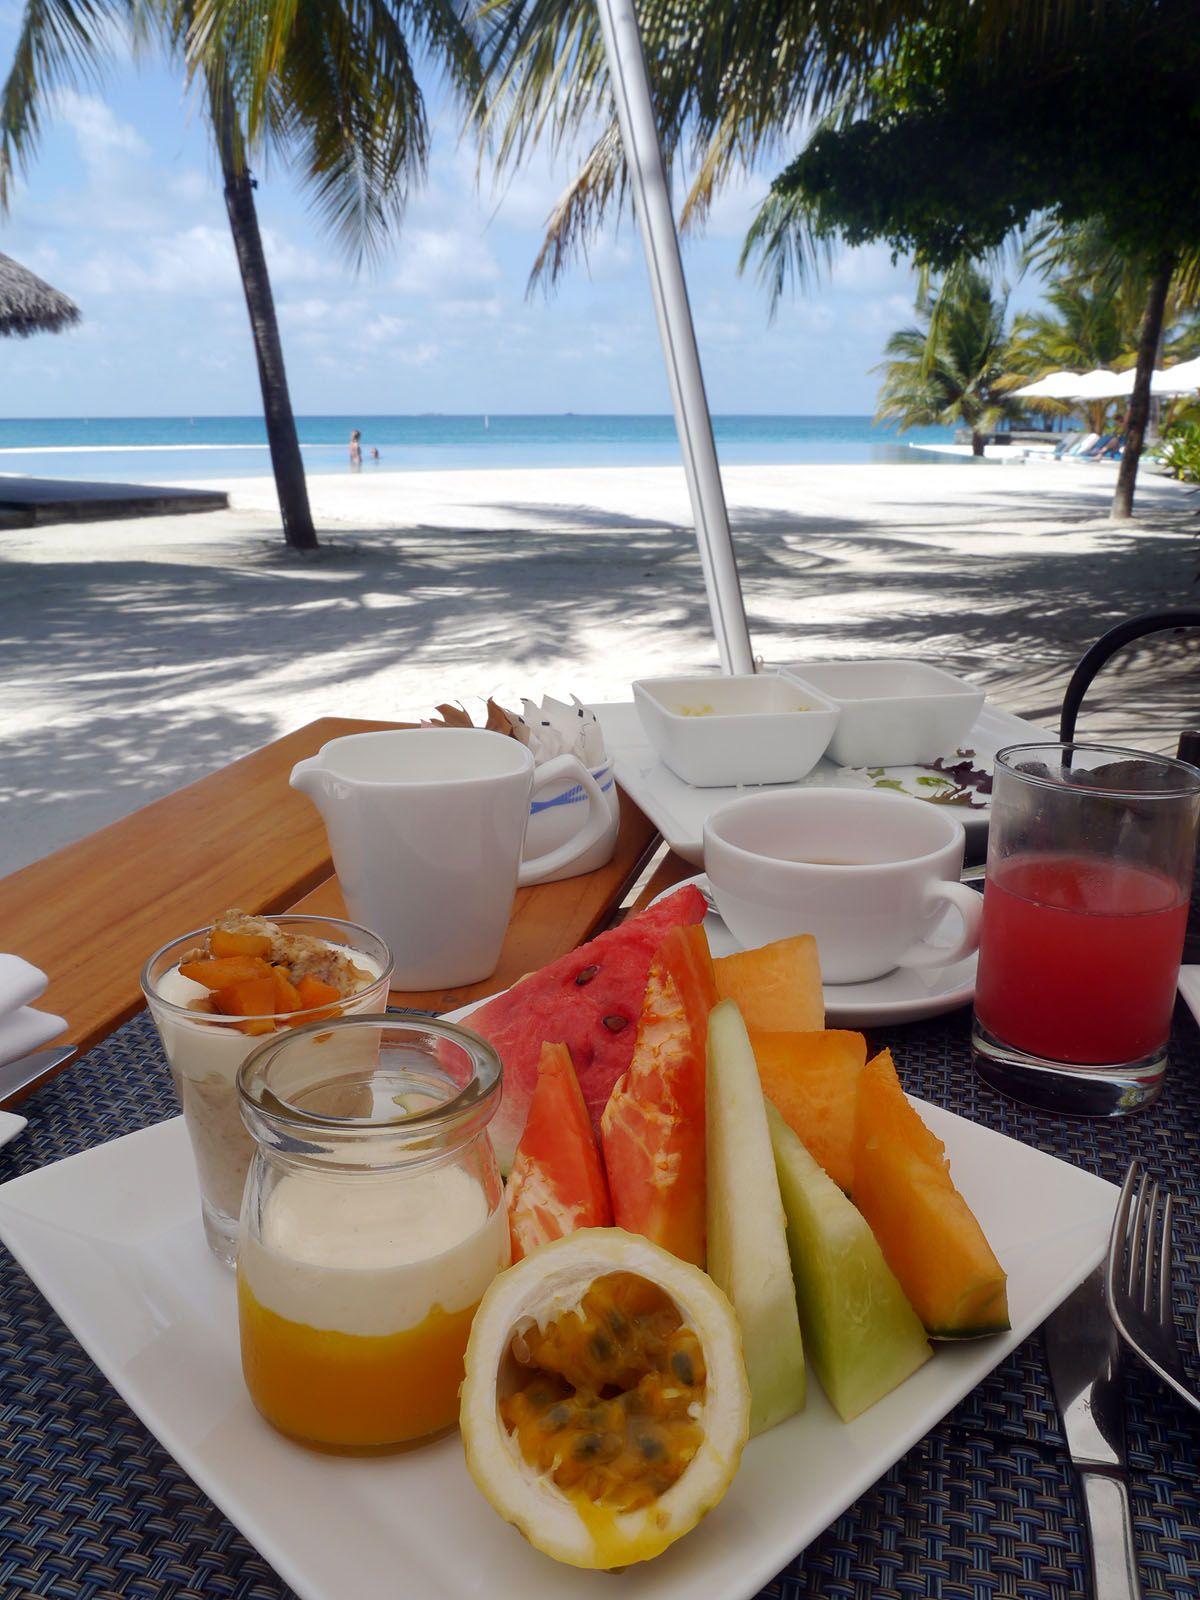 ヴェラサルモルディブのグルメと最高の朝食